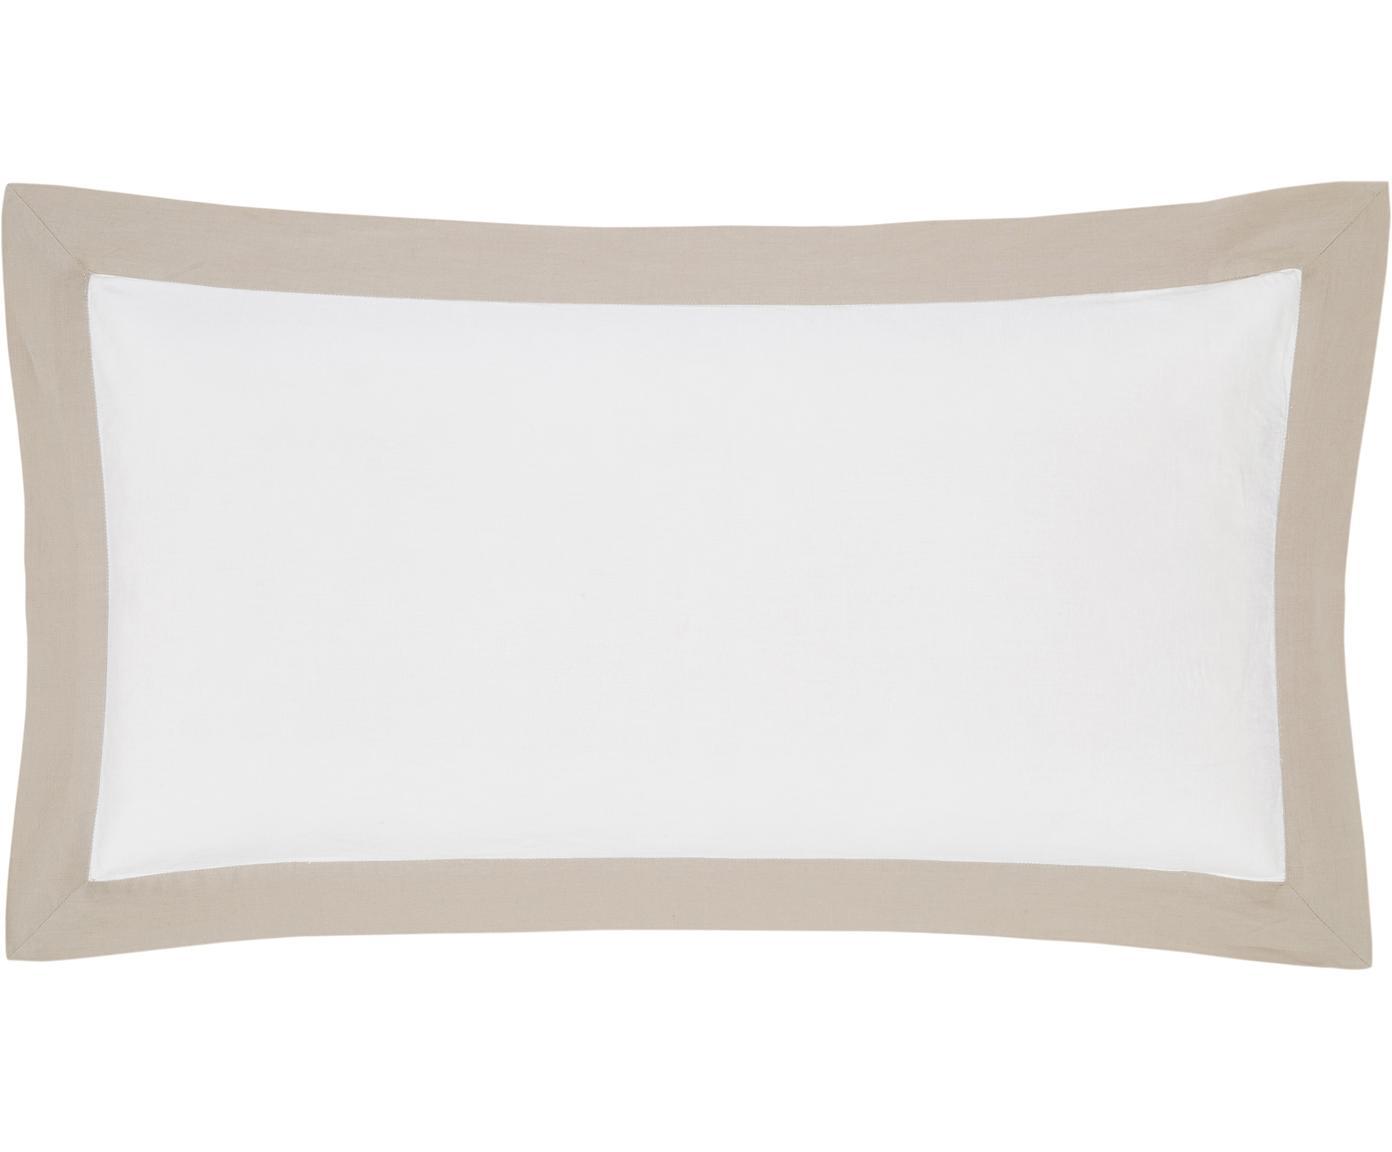 Gewaschene Leinen-Kissenbezüge Eleanore in Weiß/Beige, 2 Stück, Halbleinen (52% Leinen, 48% Baumwolle)  Fadendichte 136 TC, Standard Qualität  Halbleinen hat von Natur aus einen kernigen Griff und einen natürlichen Knitterlook, der durch den Stonewash-Effekt verstärkt wird. Es absorbiert bis zu 35% Luftfeuchtigkeit, trocknet sehr schnell und wirkt in Sommernächten angenehm kühlend. Die hohe Reißfestigkeit macht Halbleinen scheuerfest und strapazierfähig., Weiß, Beige, 40 x 80 cm